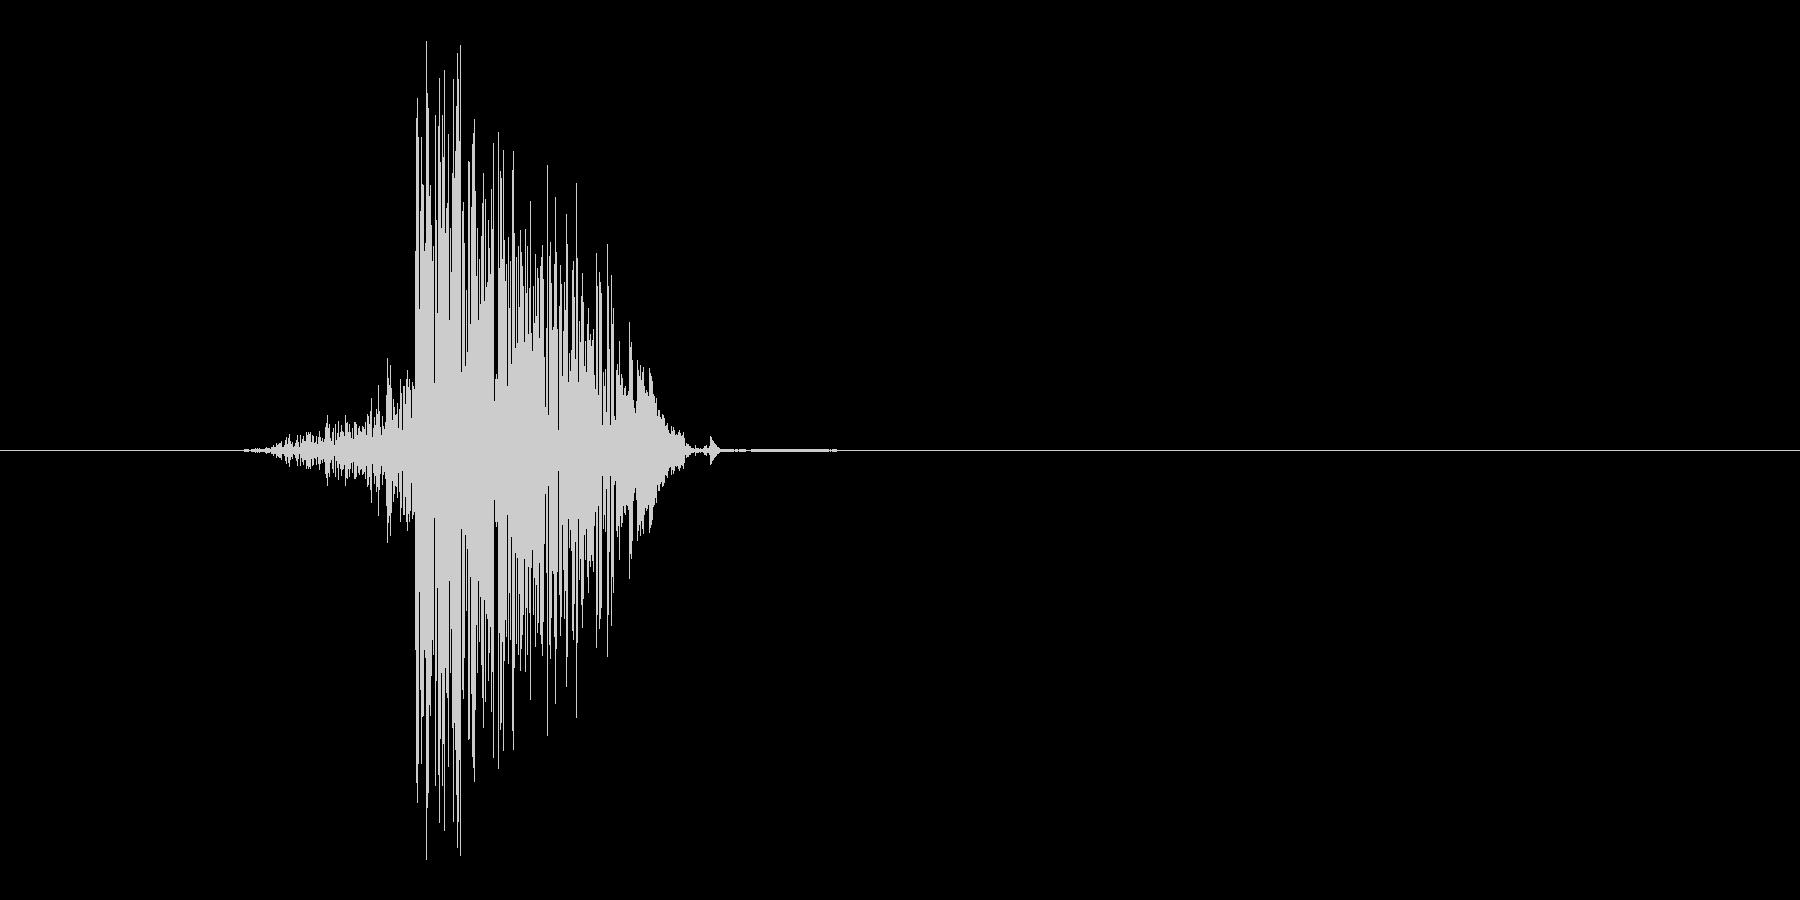 ゲーム(ファミコン風)ヒット音_014の未再生の波形